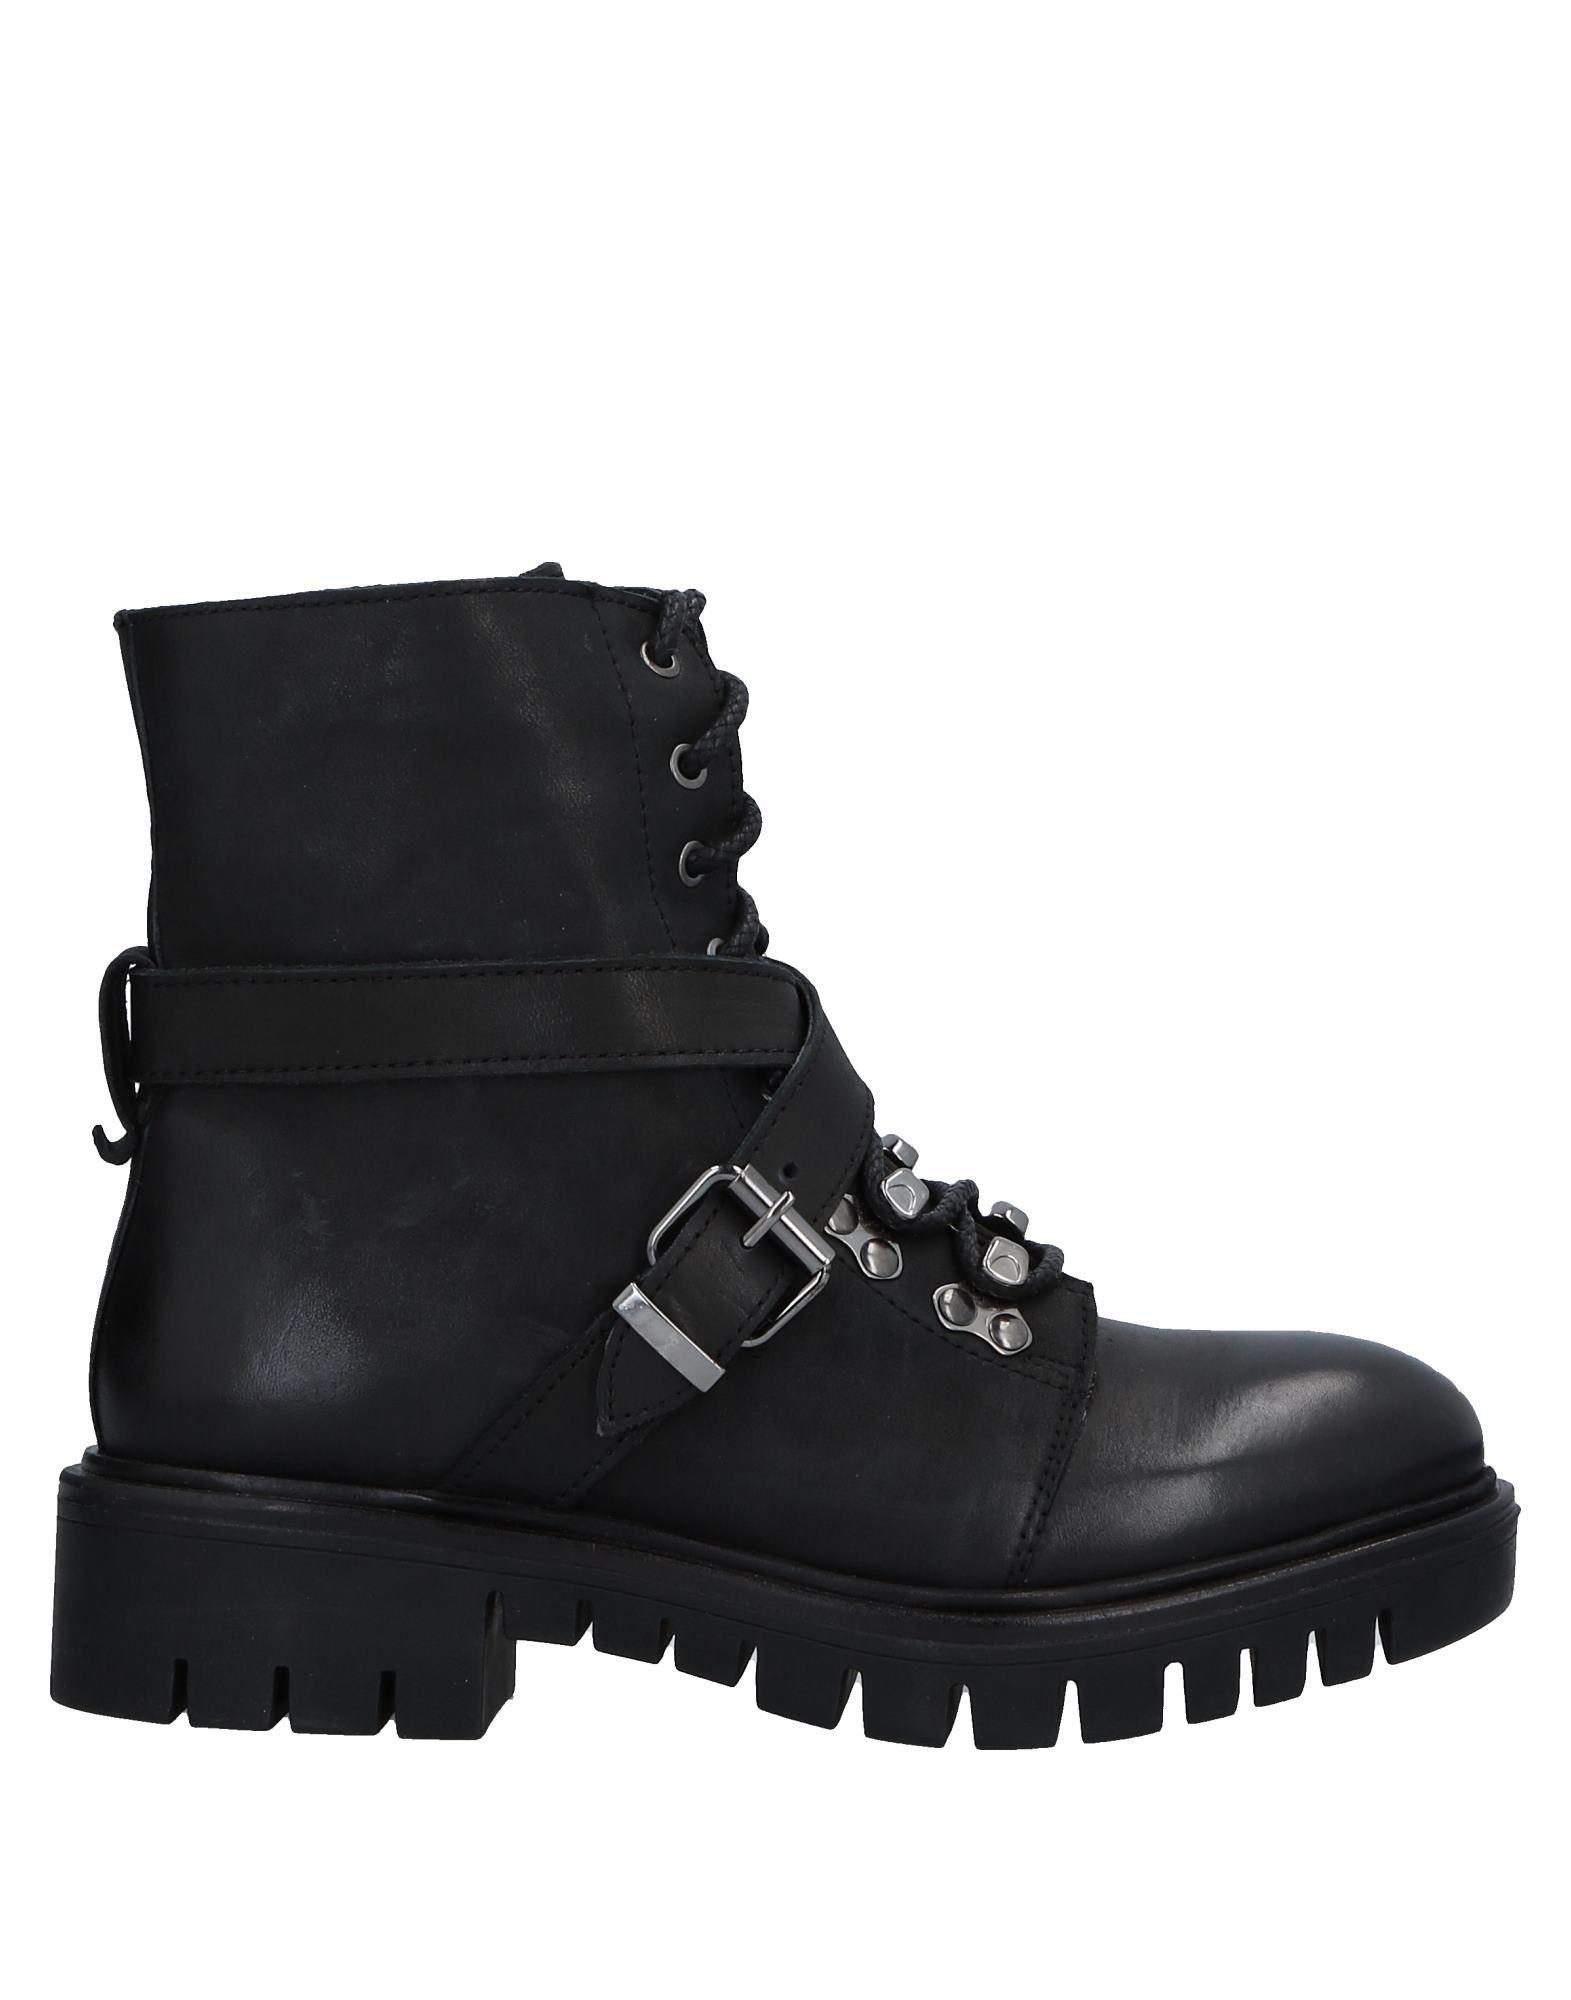 Inuovo Stiefelette Damen  11533009AH Gute Qualität beliebte Schuhe